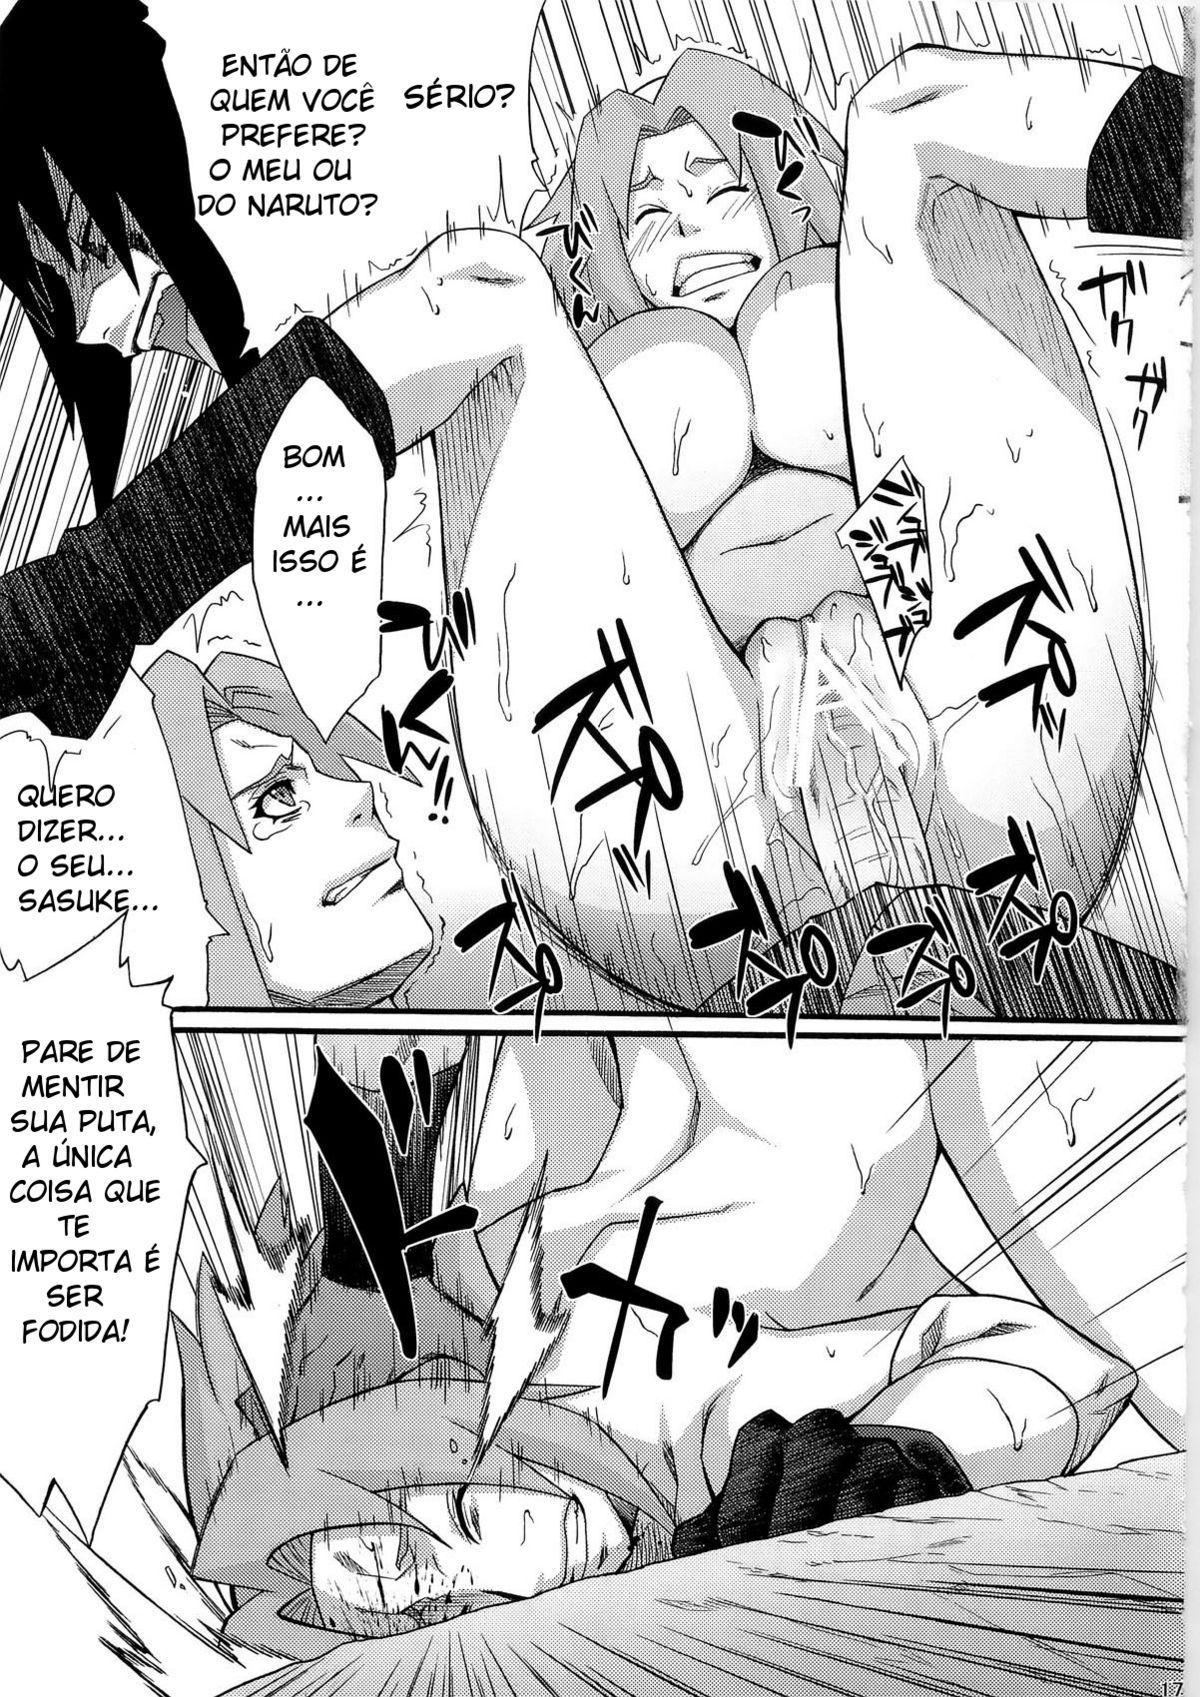 Sakura-é-uma-cadela-dando-pro-Sasuke-14